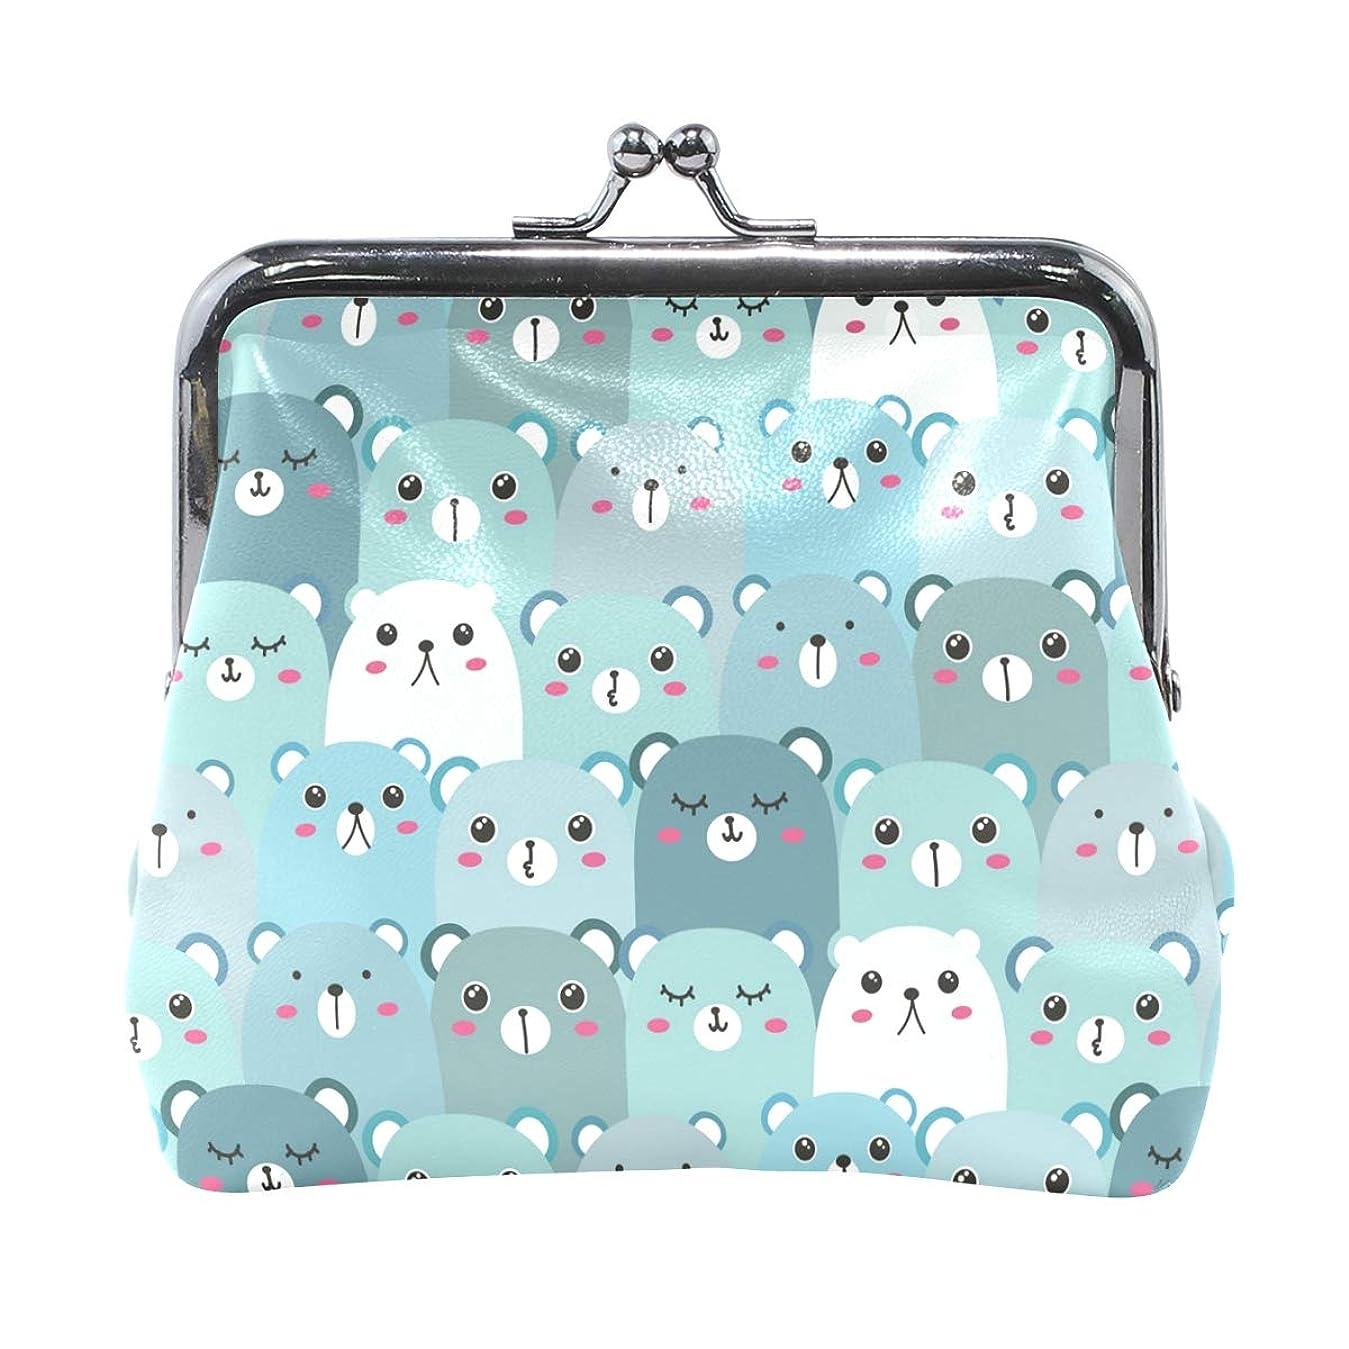 高音祈る構想するがま口 財布 口金 小銭入れ ポーチ 熊 群れ 可愛い ANNSIN バッグ かわいい 高級レザー レディース プレゼント ほど良いサイズ